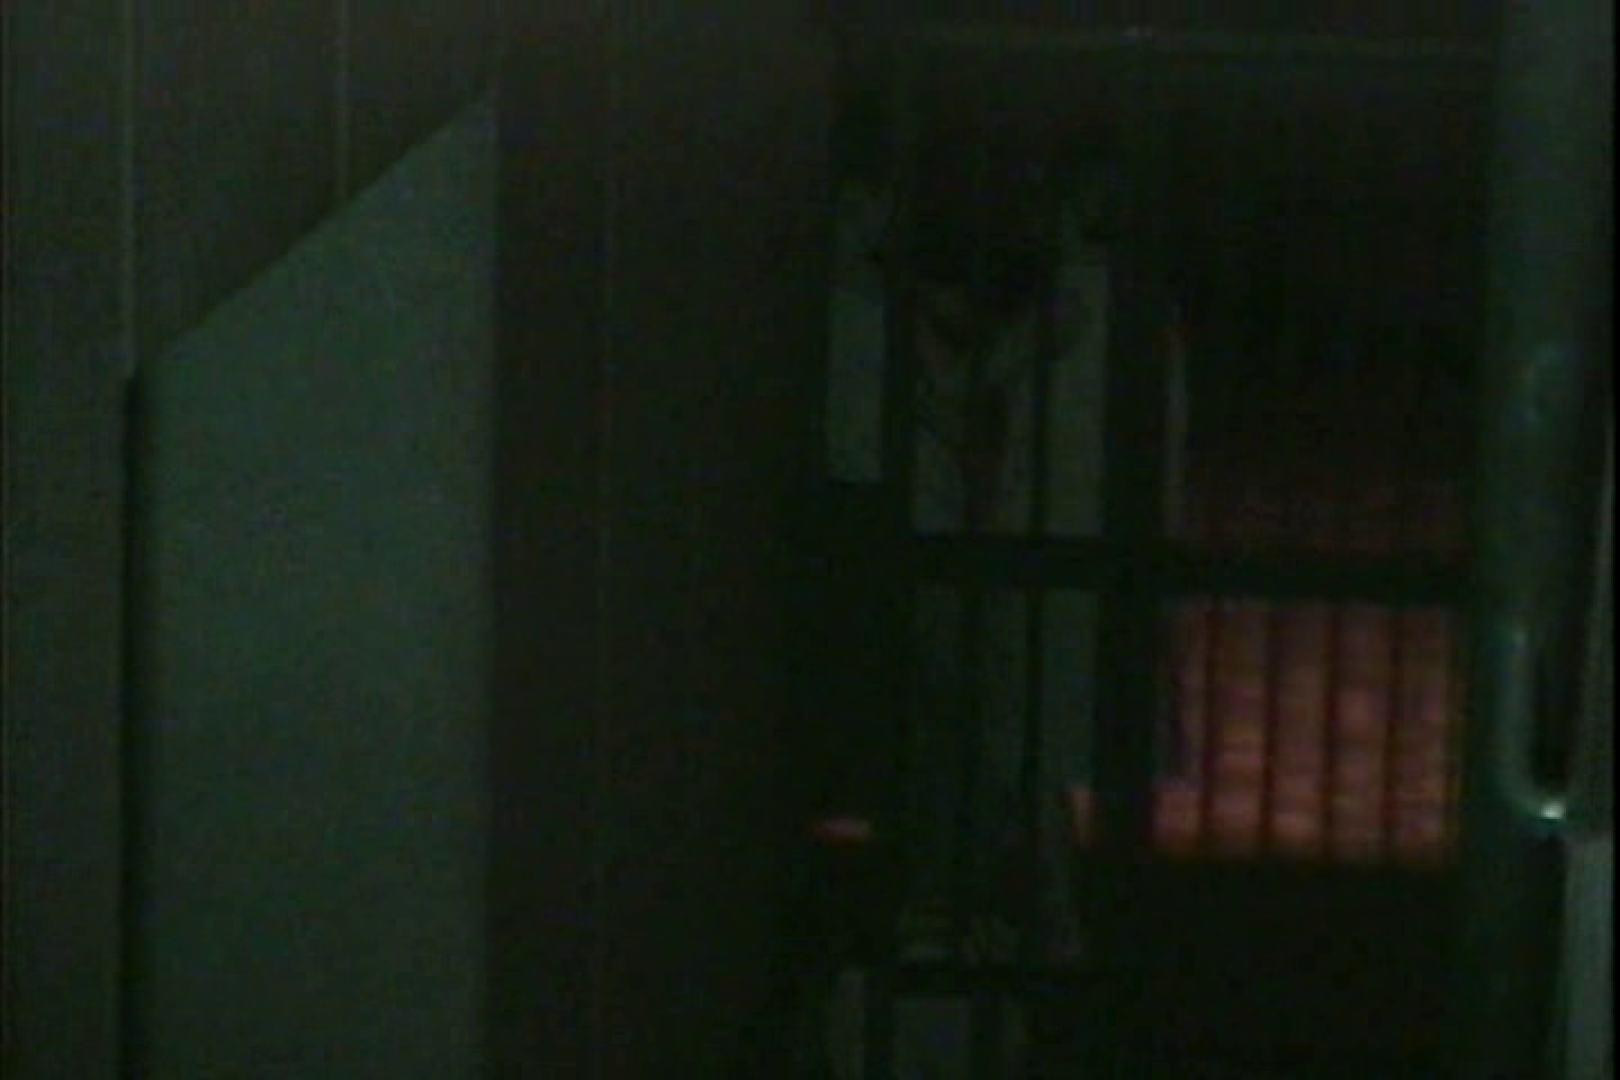 闇の仕掛け人 無修正版 Vol.19 フリーハンド | 制服  106pic 70